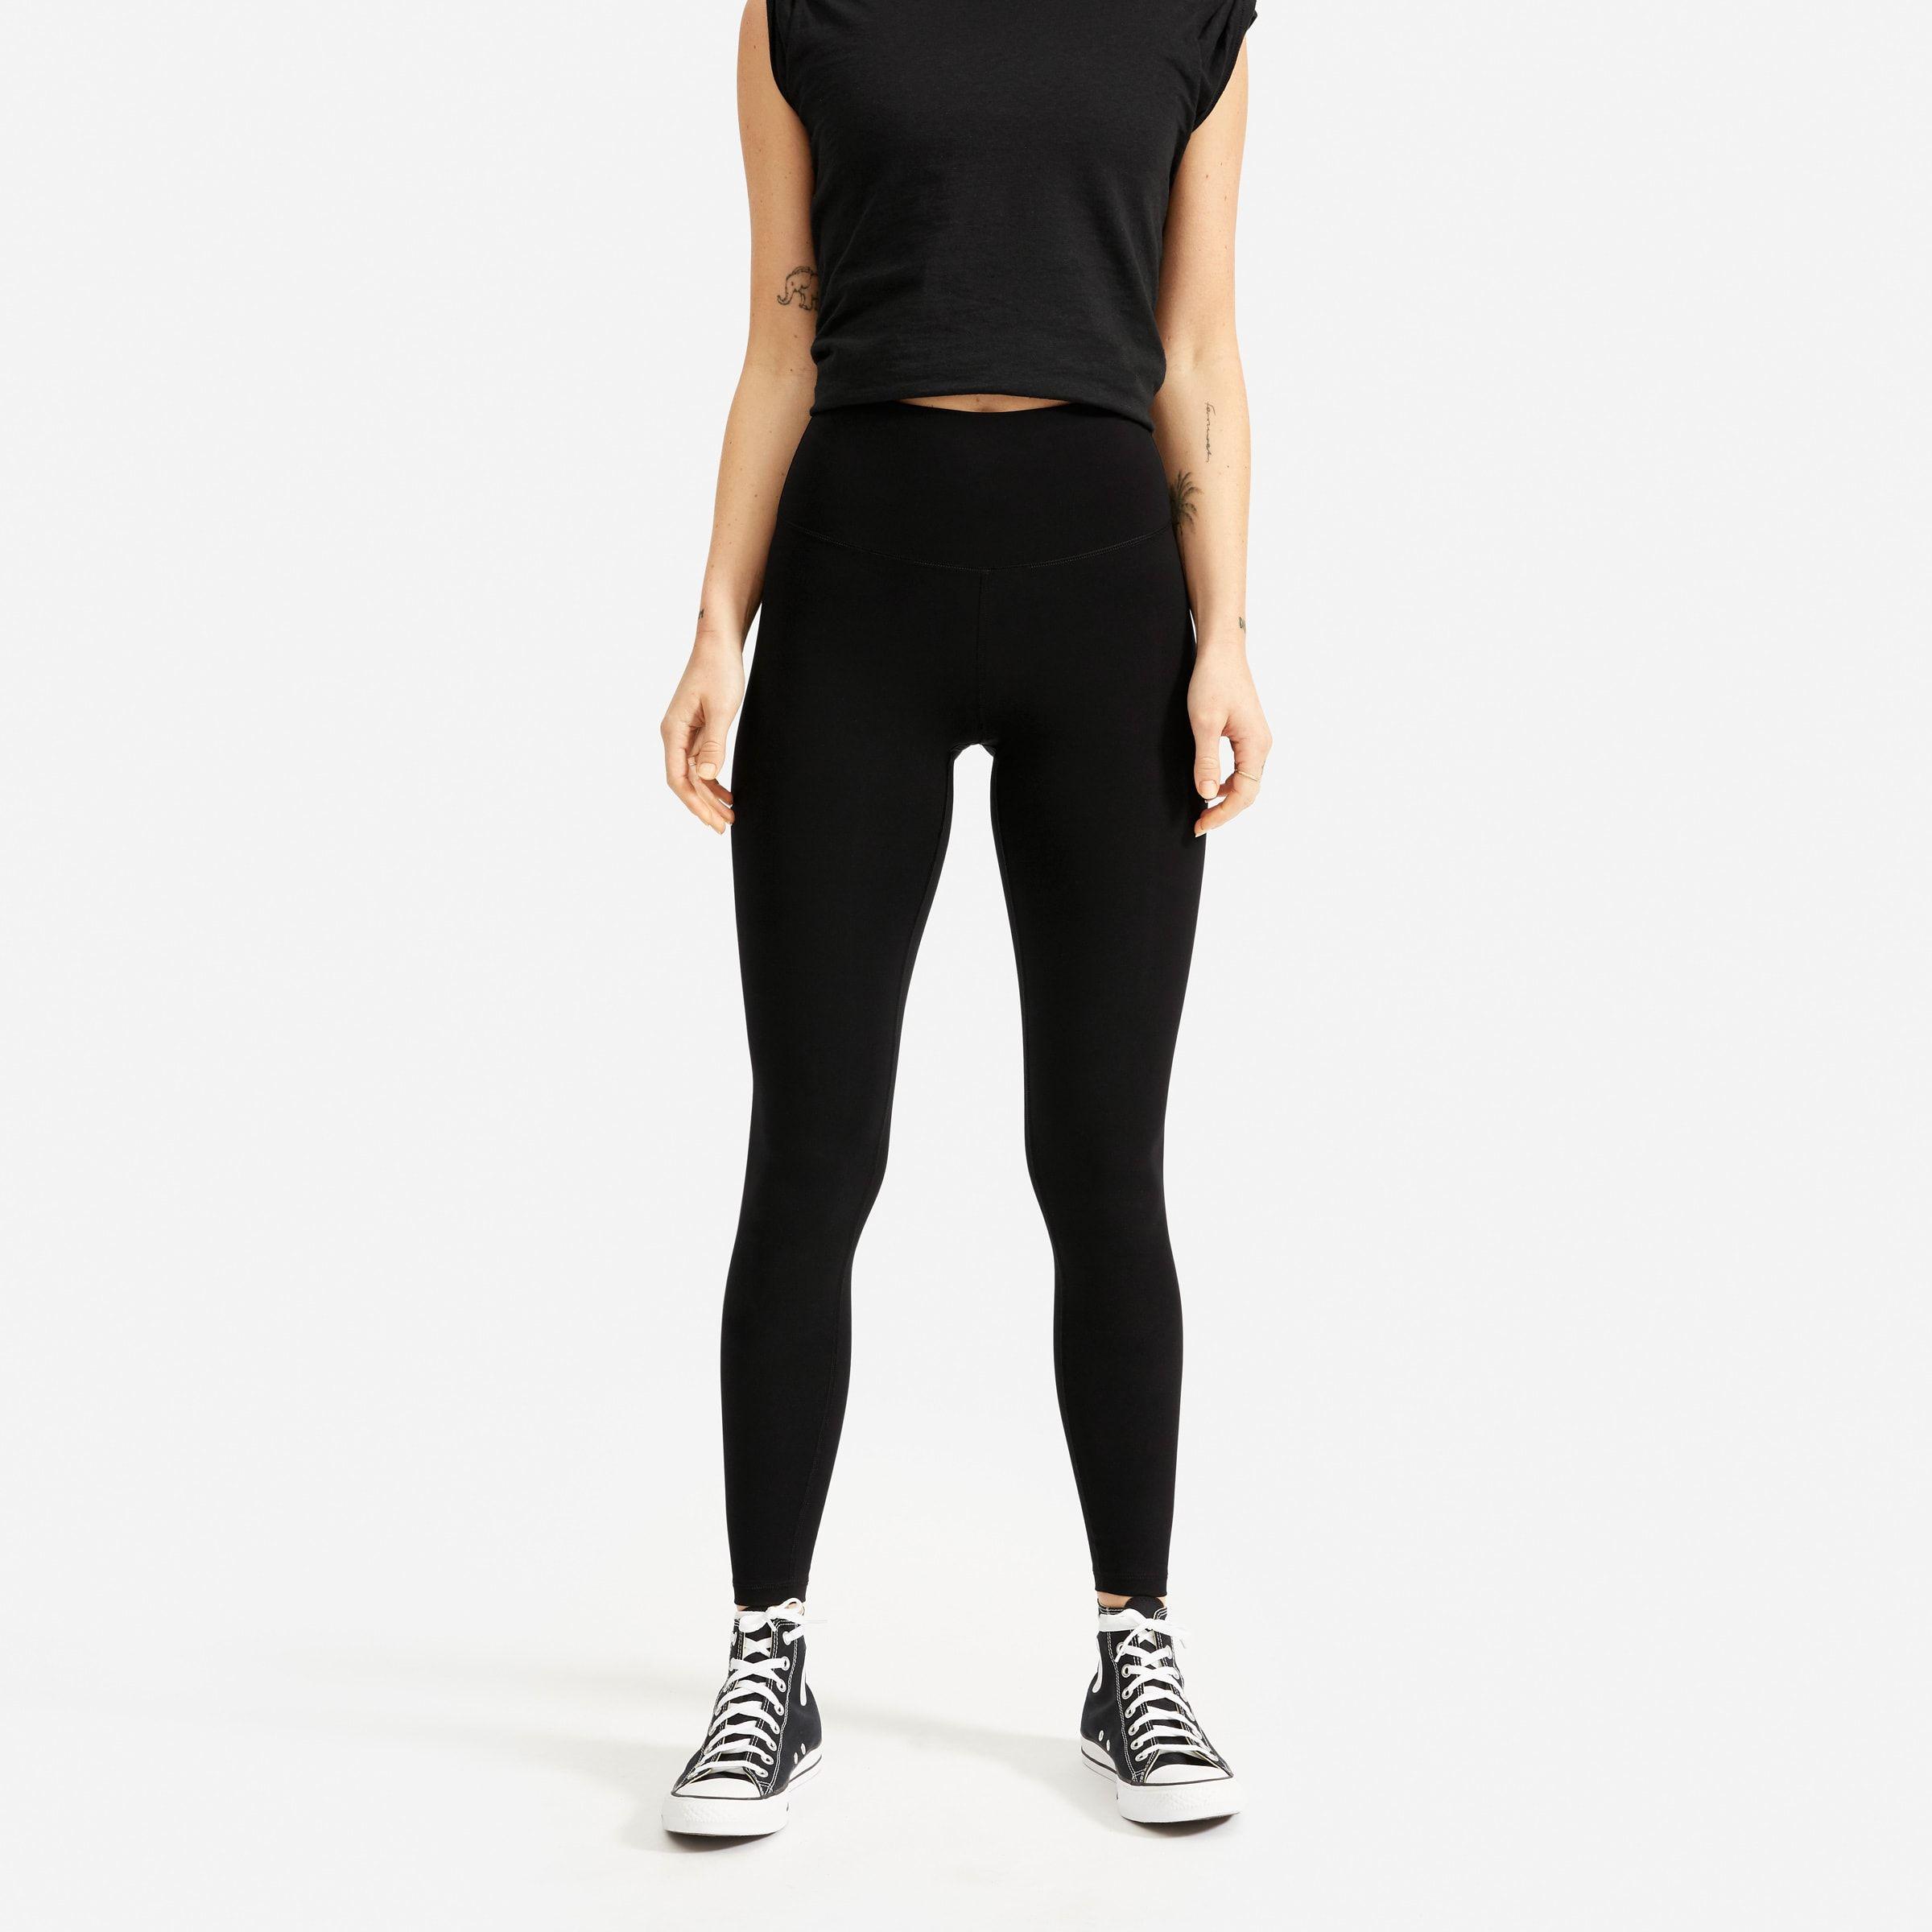 Wardrobe Staples On Sale Girl Meets Gold Black Leggings Performance Leggings Legging [ 2400 x 2400 Pixel ]